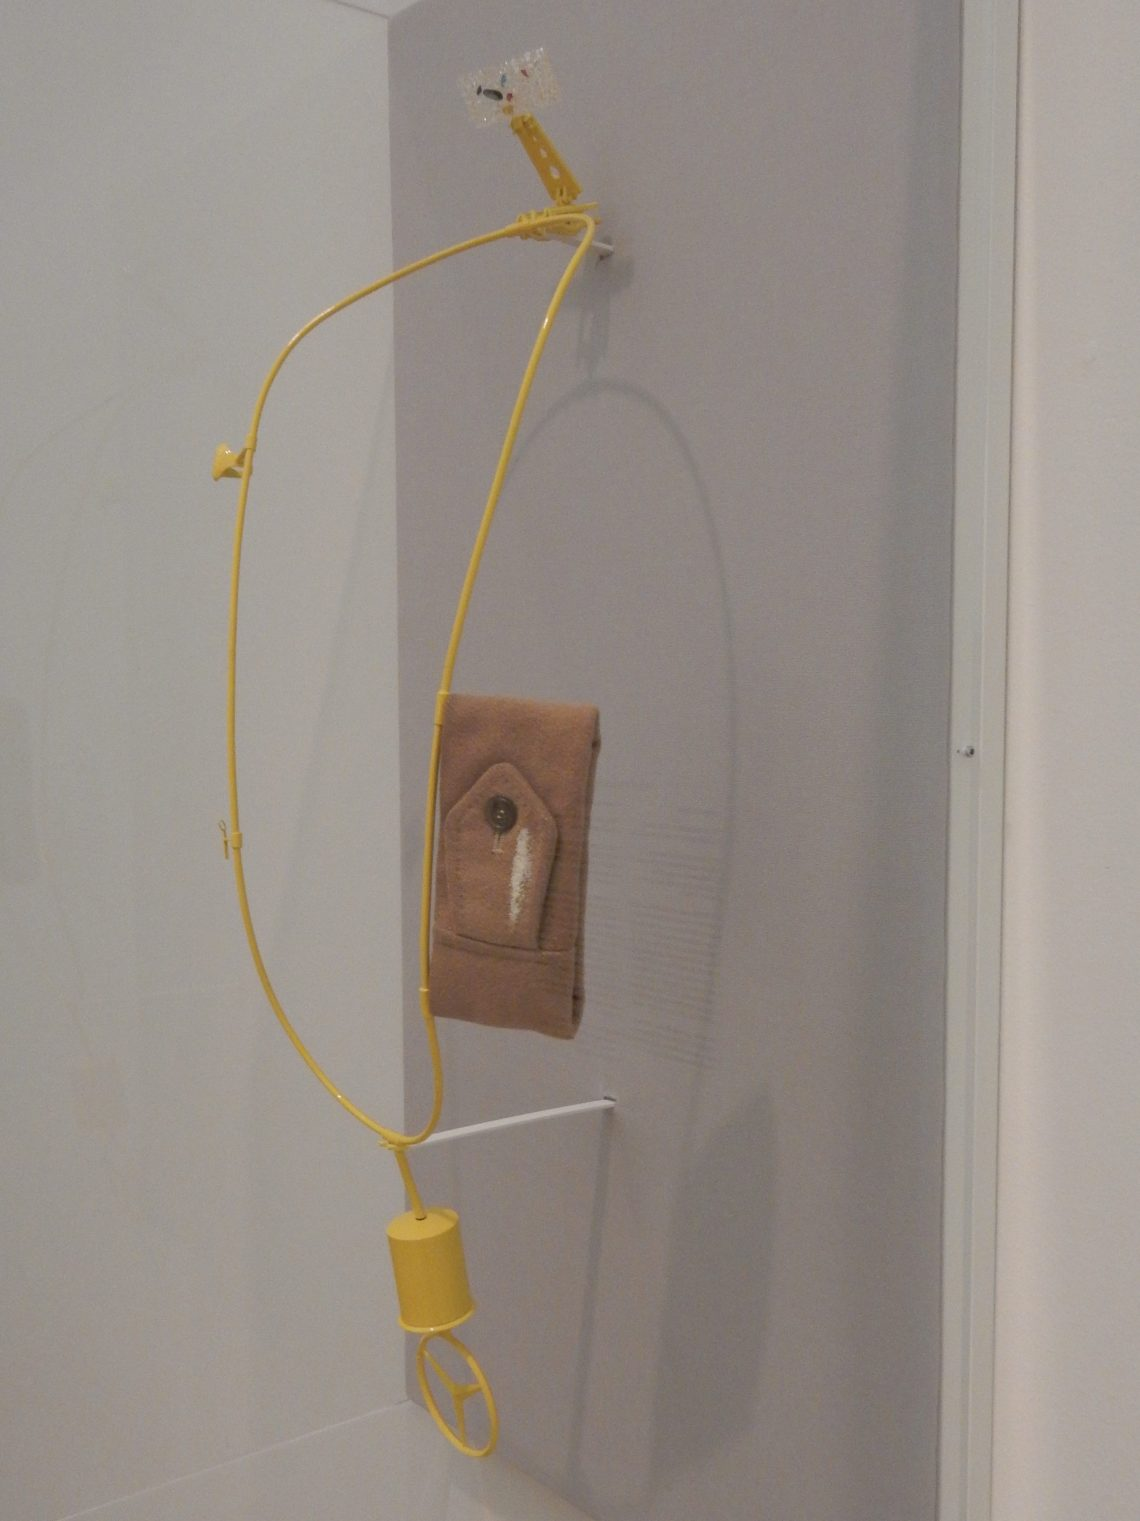 Ted Noten, Moskou, halssieraad, 2006. Stedelijk Museum Amsterdam, 2016. Foto Esther Doornbusch©